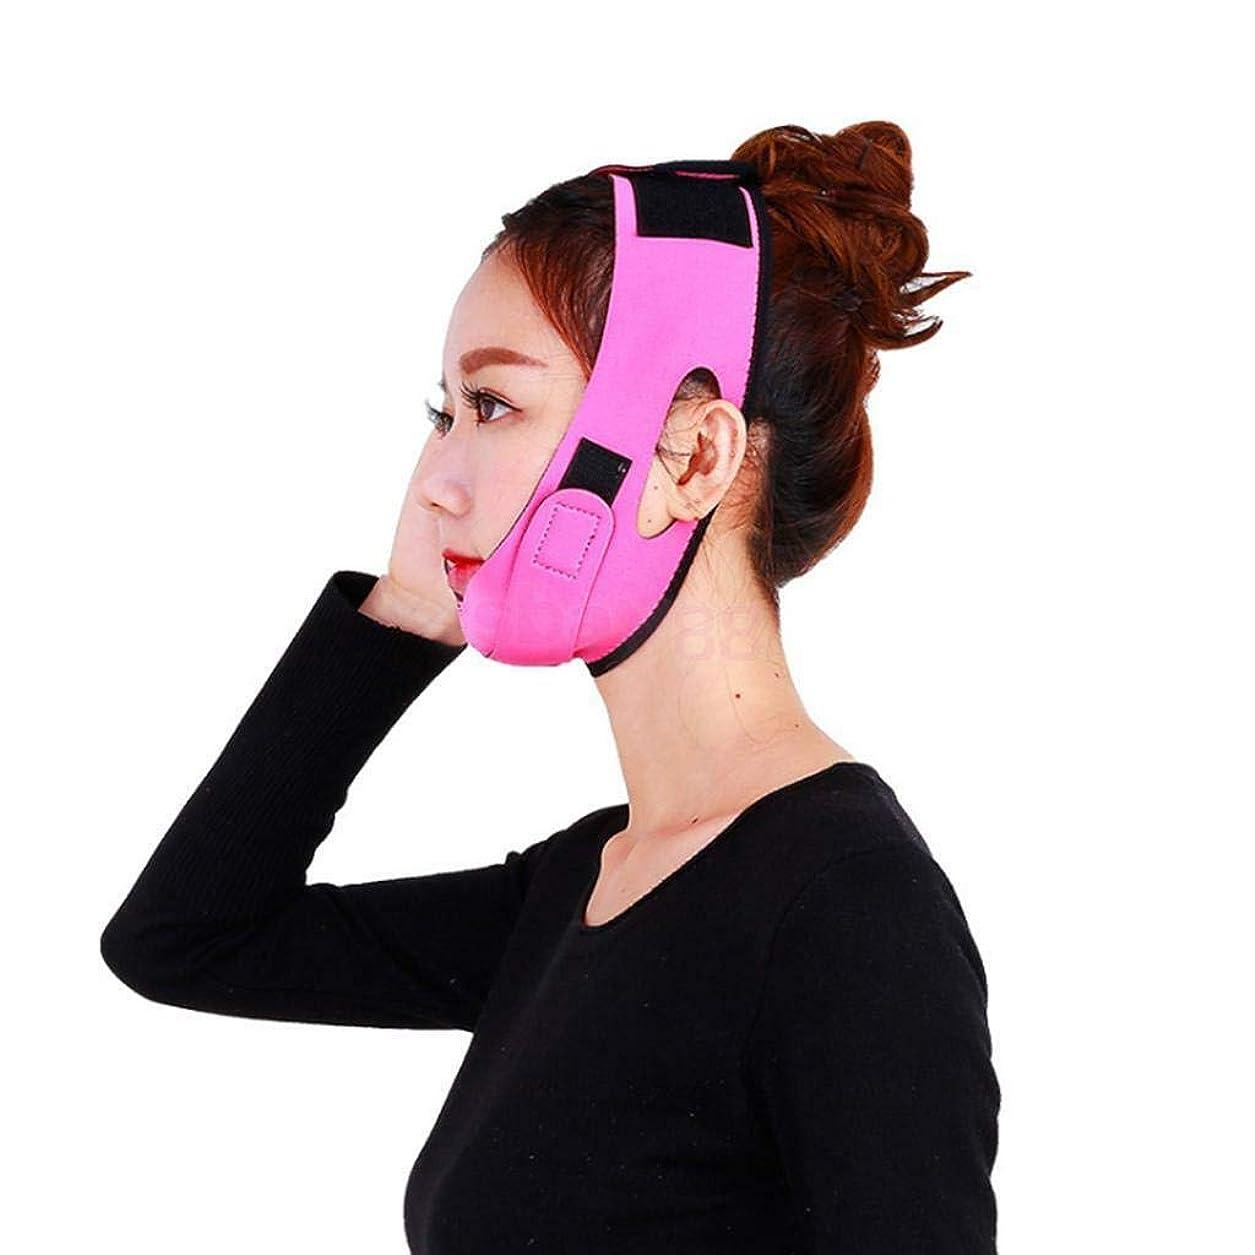 着飾る抑制する解決FidgetGear マスカーベルトの皮を細くするVフェイスシェイパーはバンドストラップを持ち上げるあごを引き締めます